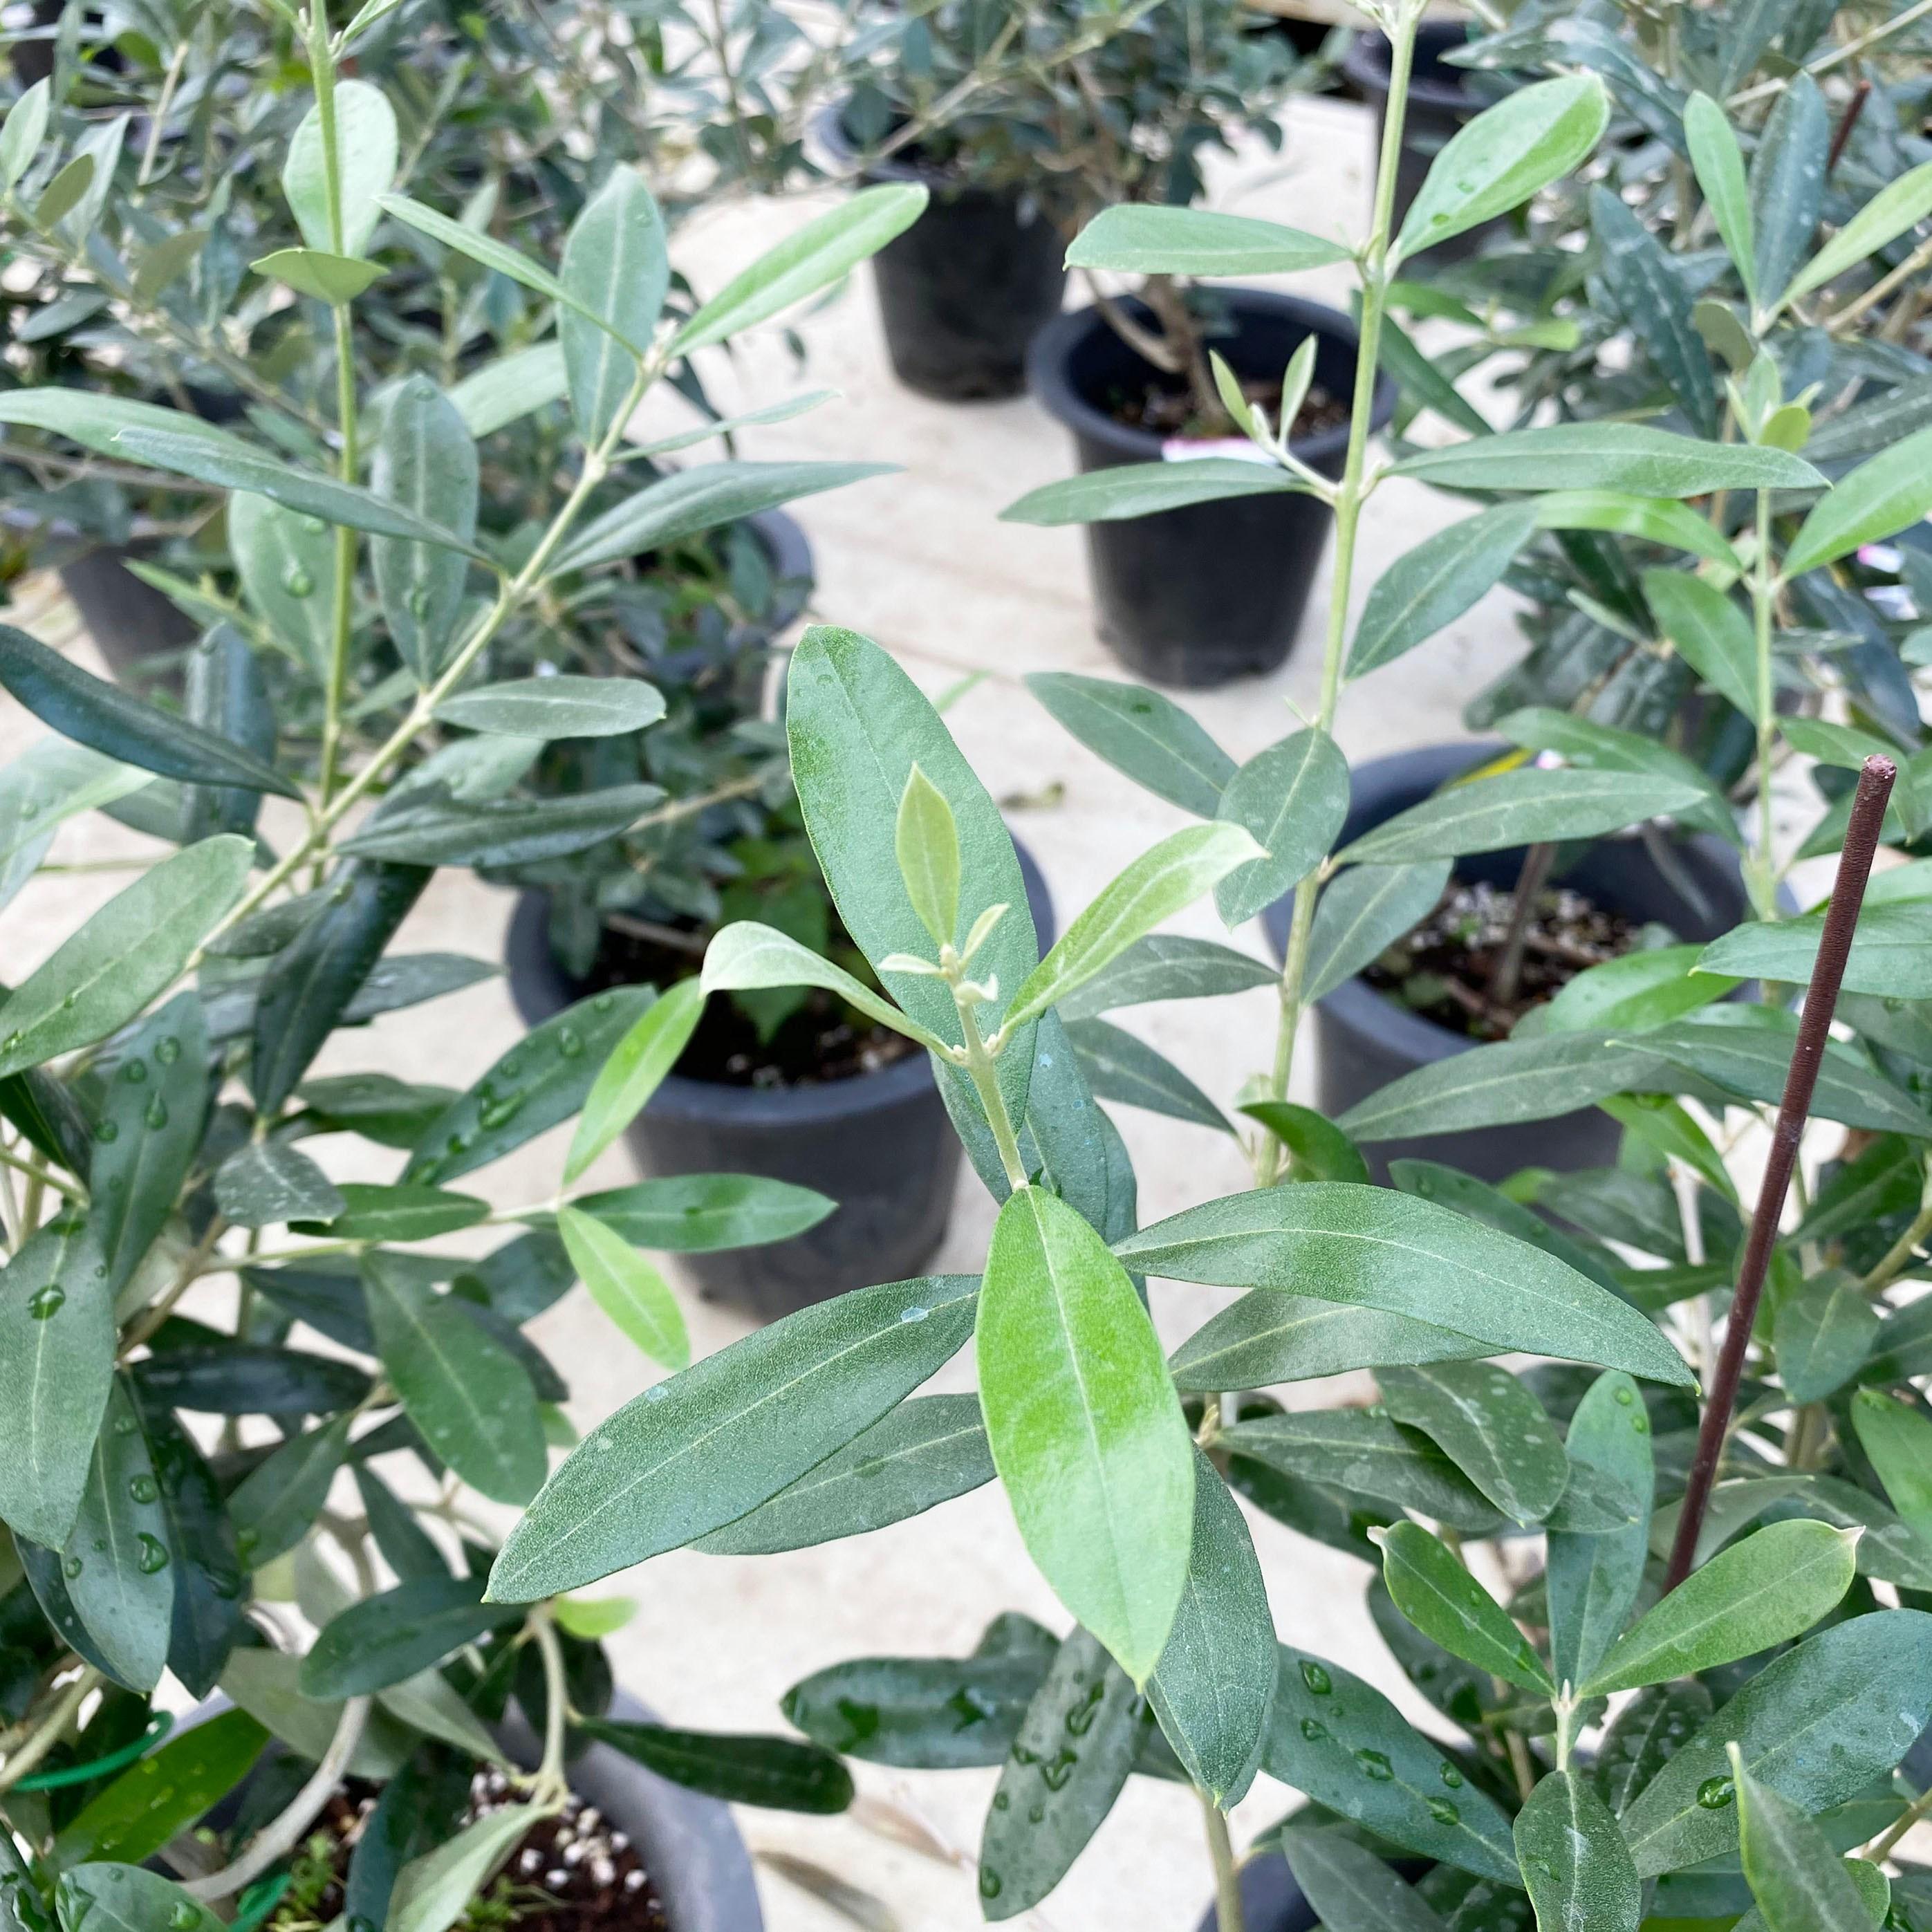 미니농장 올리브나무 대품 인테리어 식물